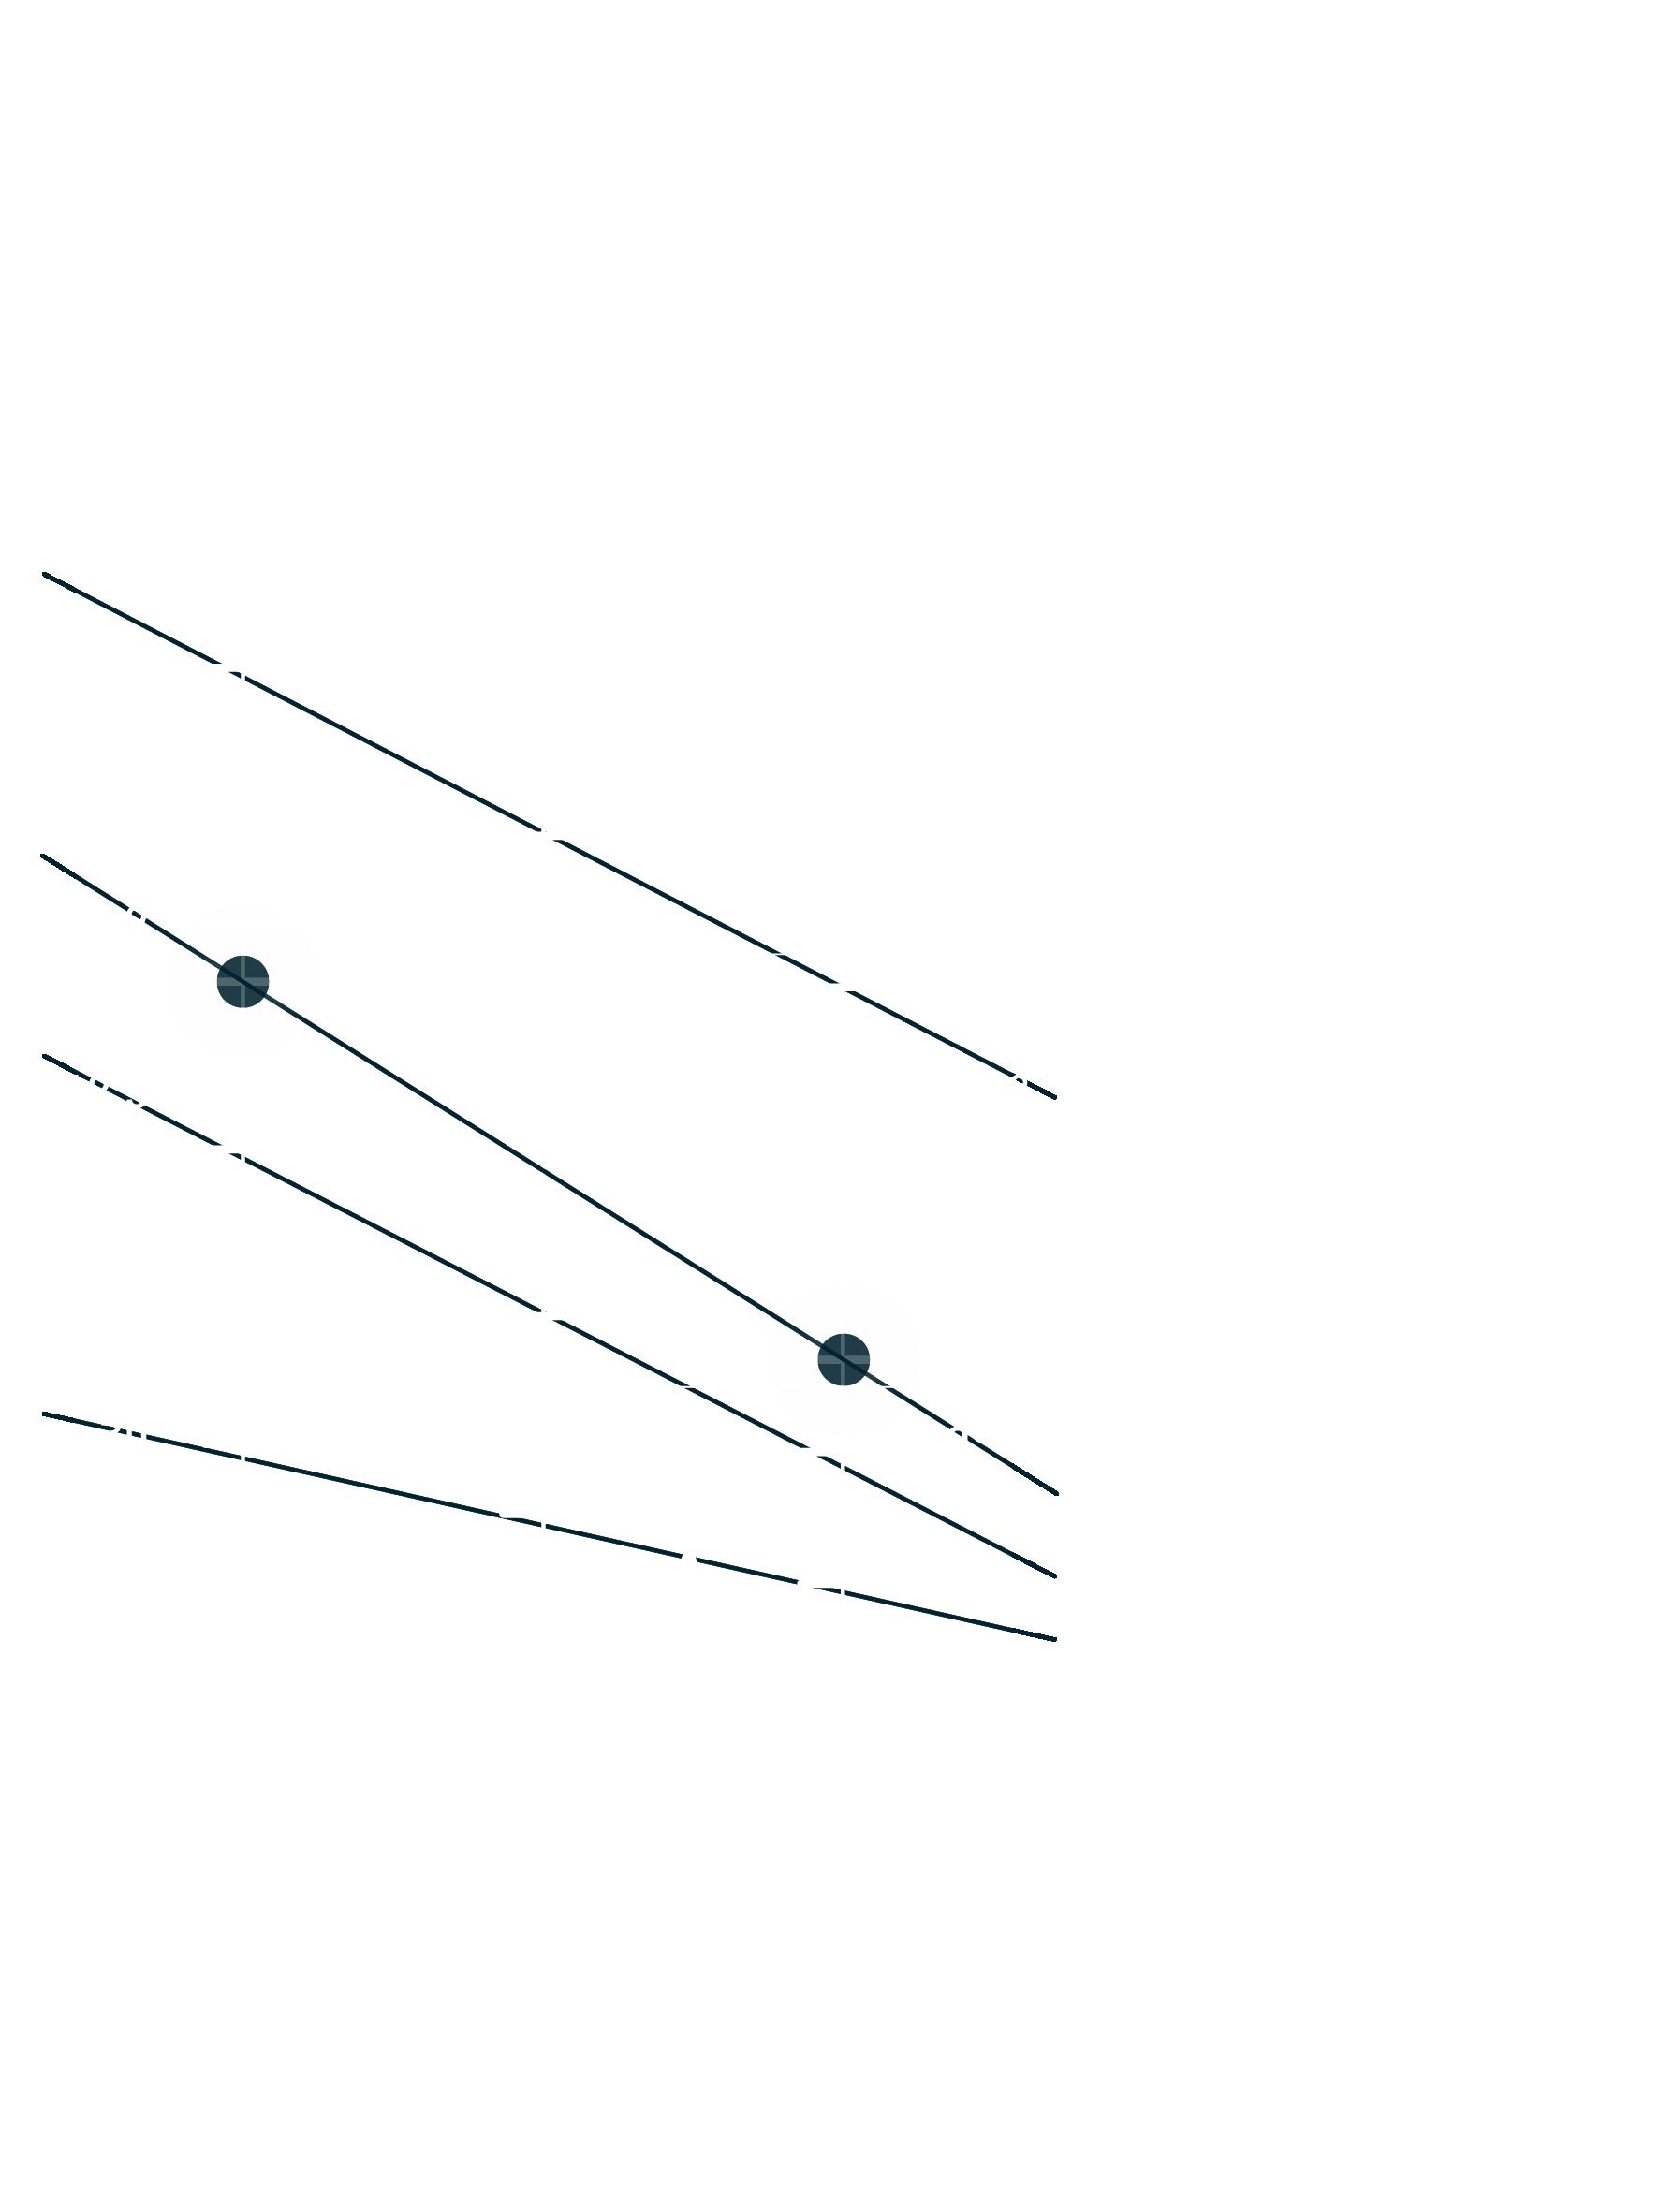 tableau équilibre de l'eau TH pH TAC